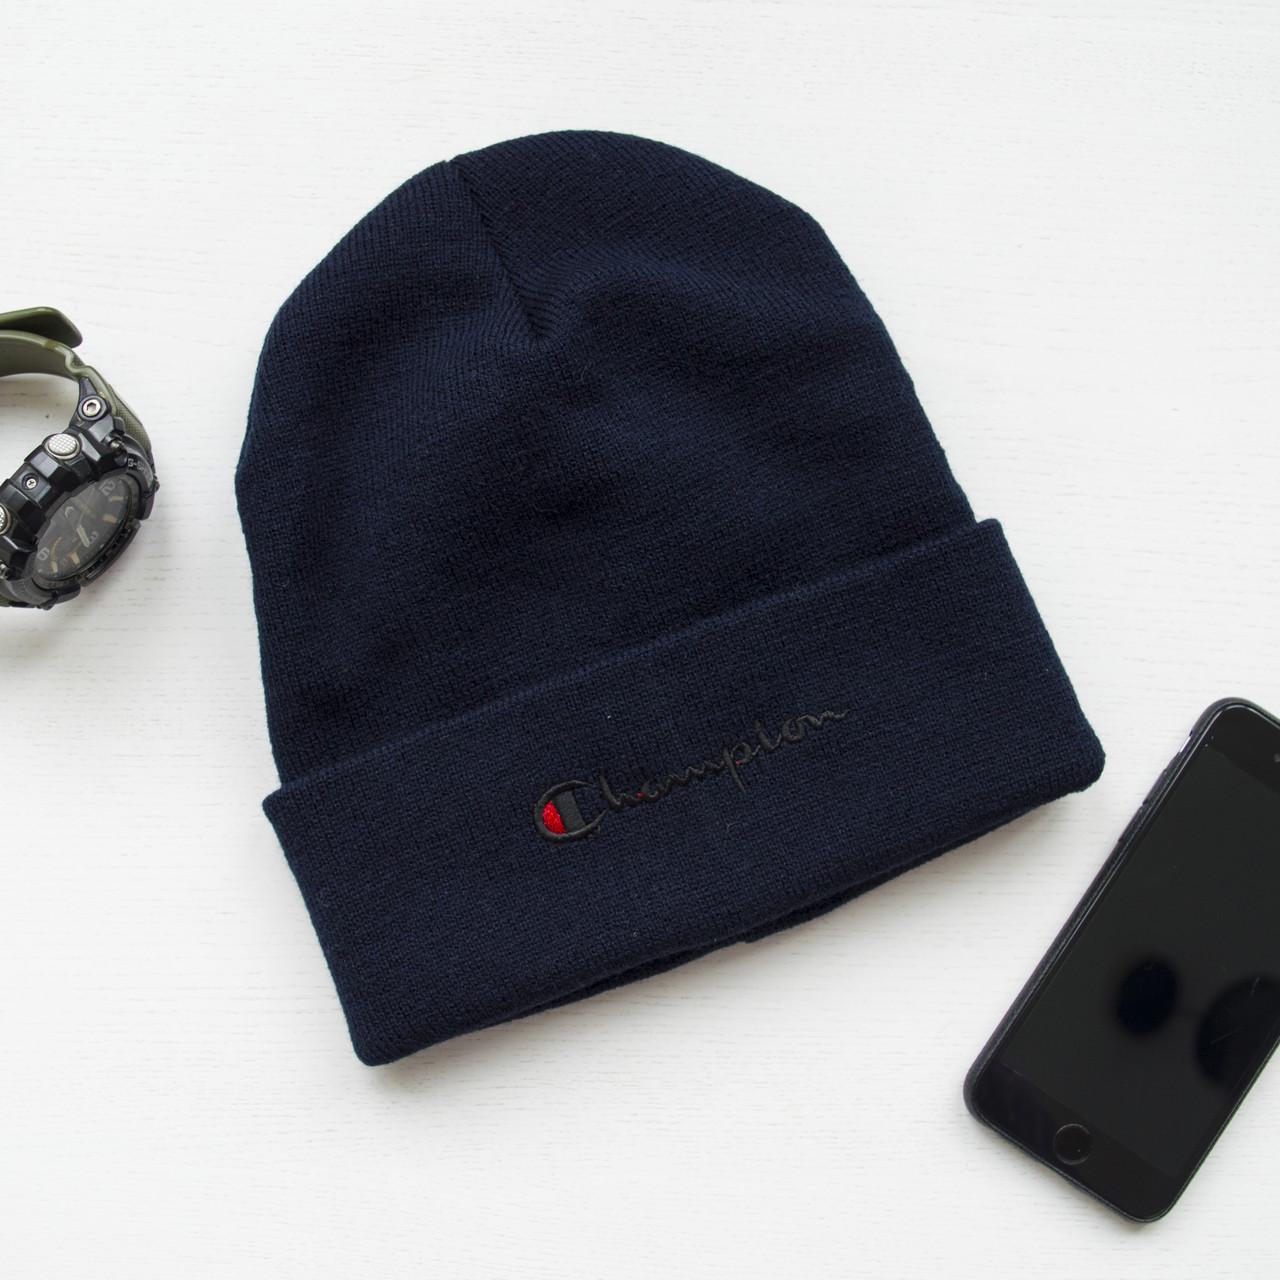 Зимова шапка синя унісекс Champion